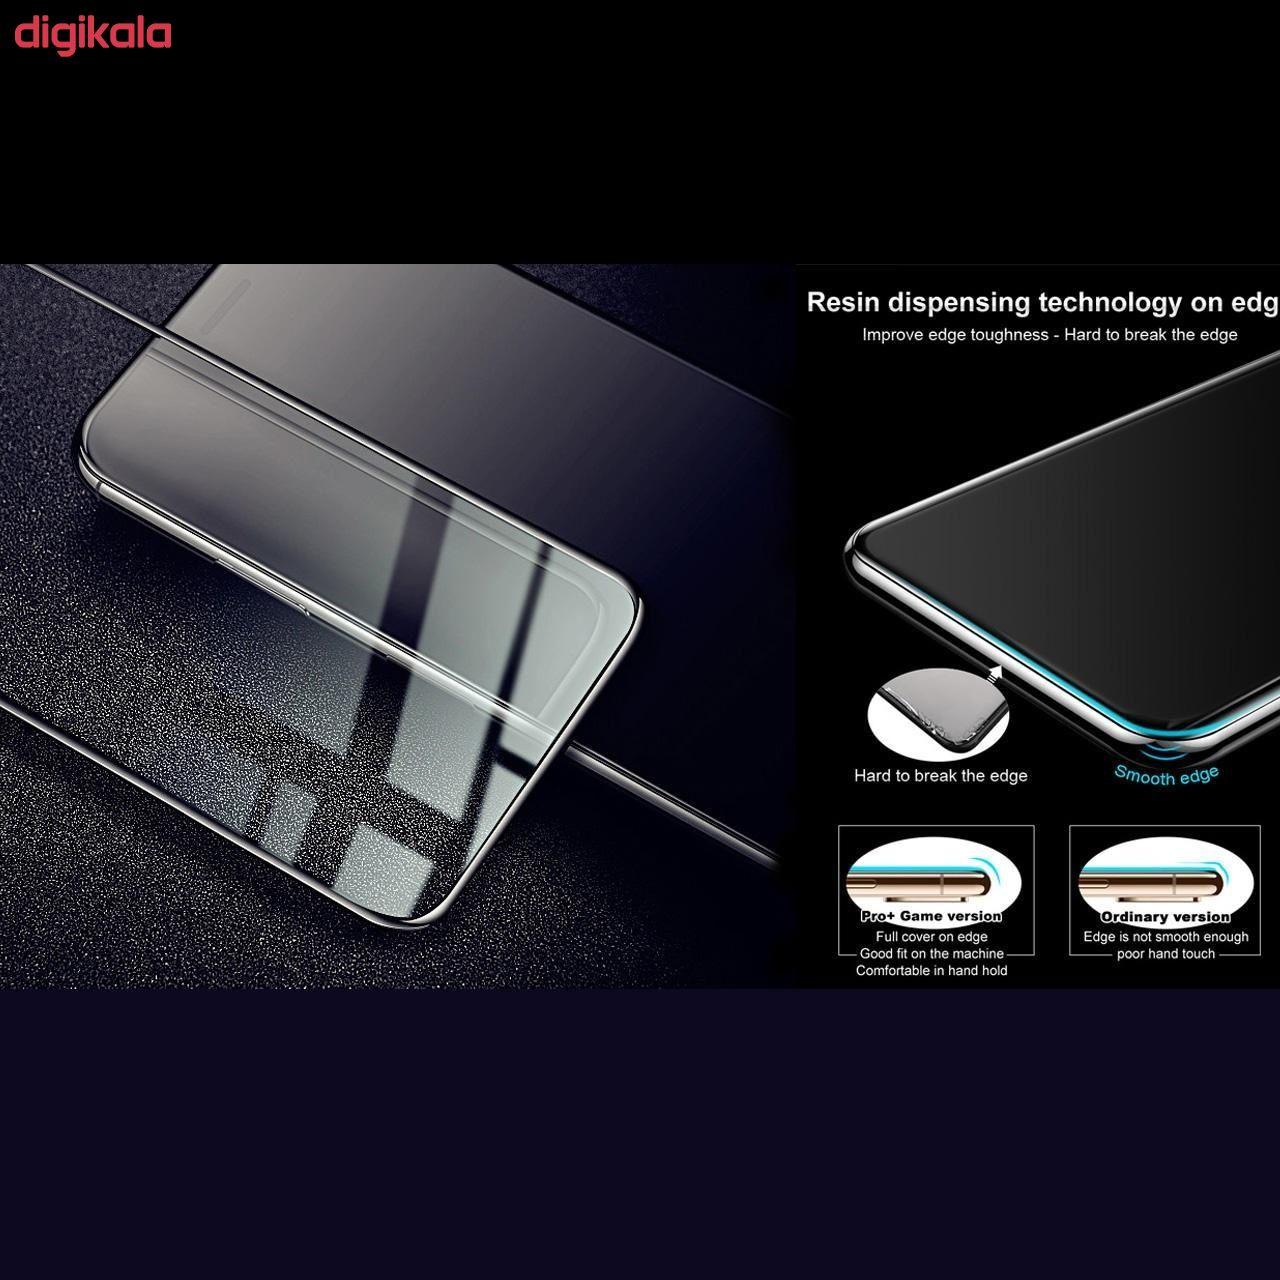 محافظ صفحه نمایش ولگا مدل CER-Powertech مناسب برای گوشی موبایل سامسونگ Galaxy A51 main 1 2